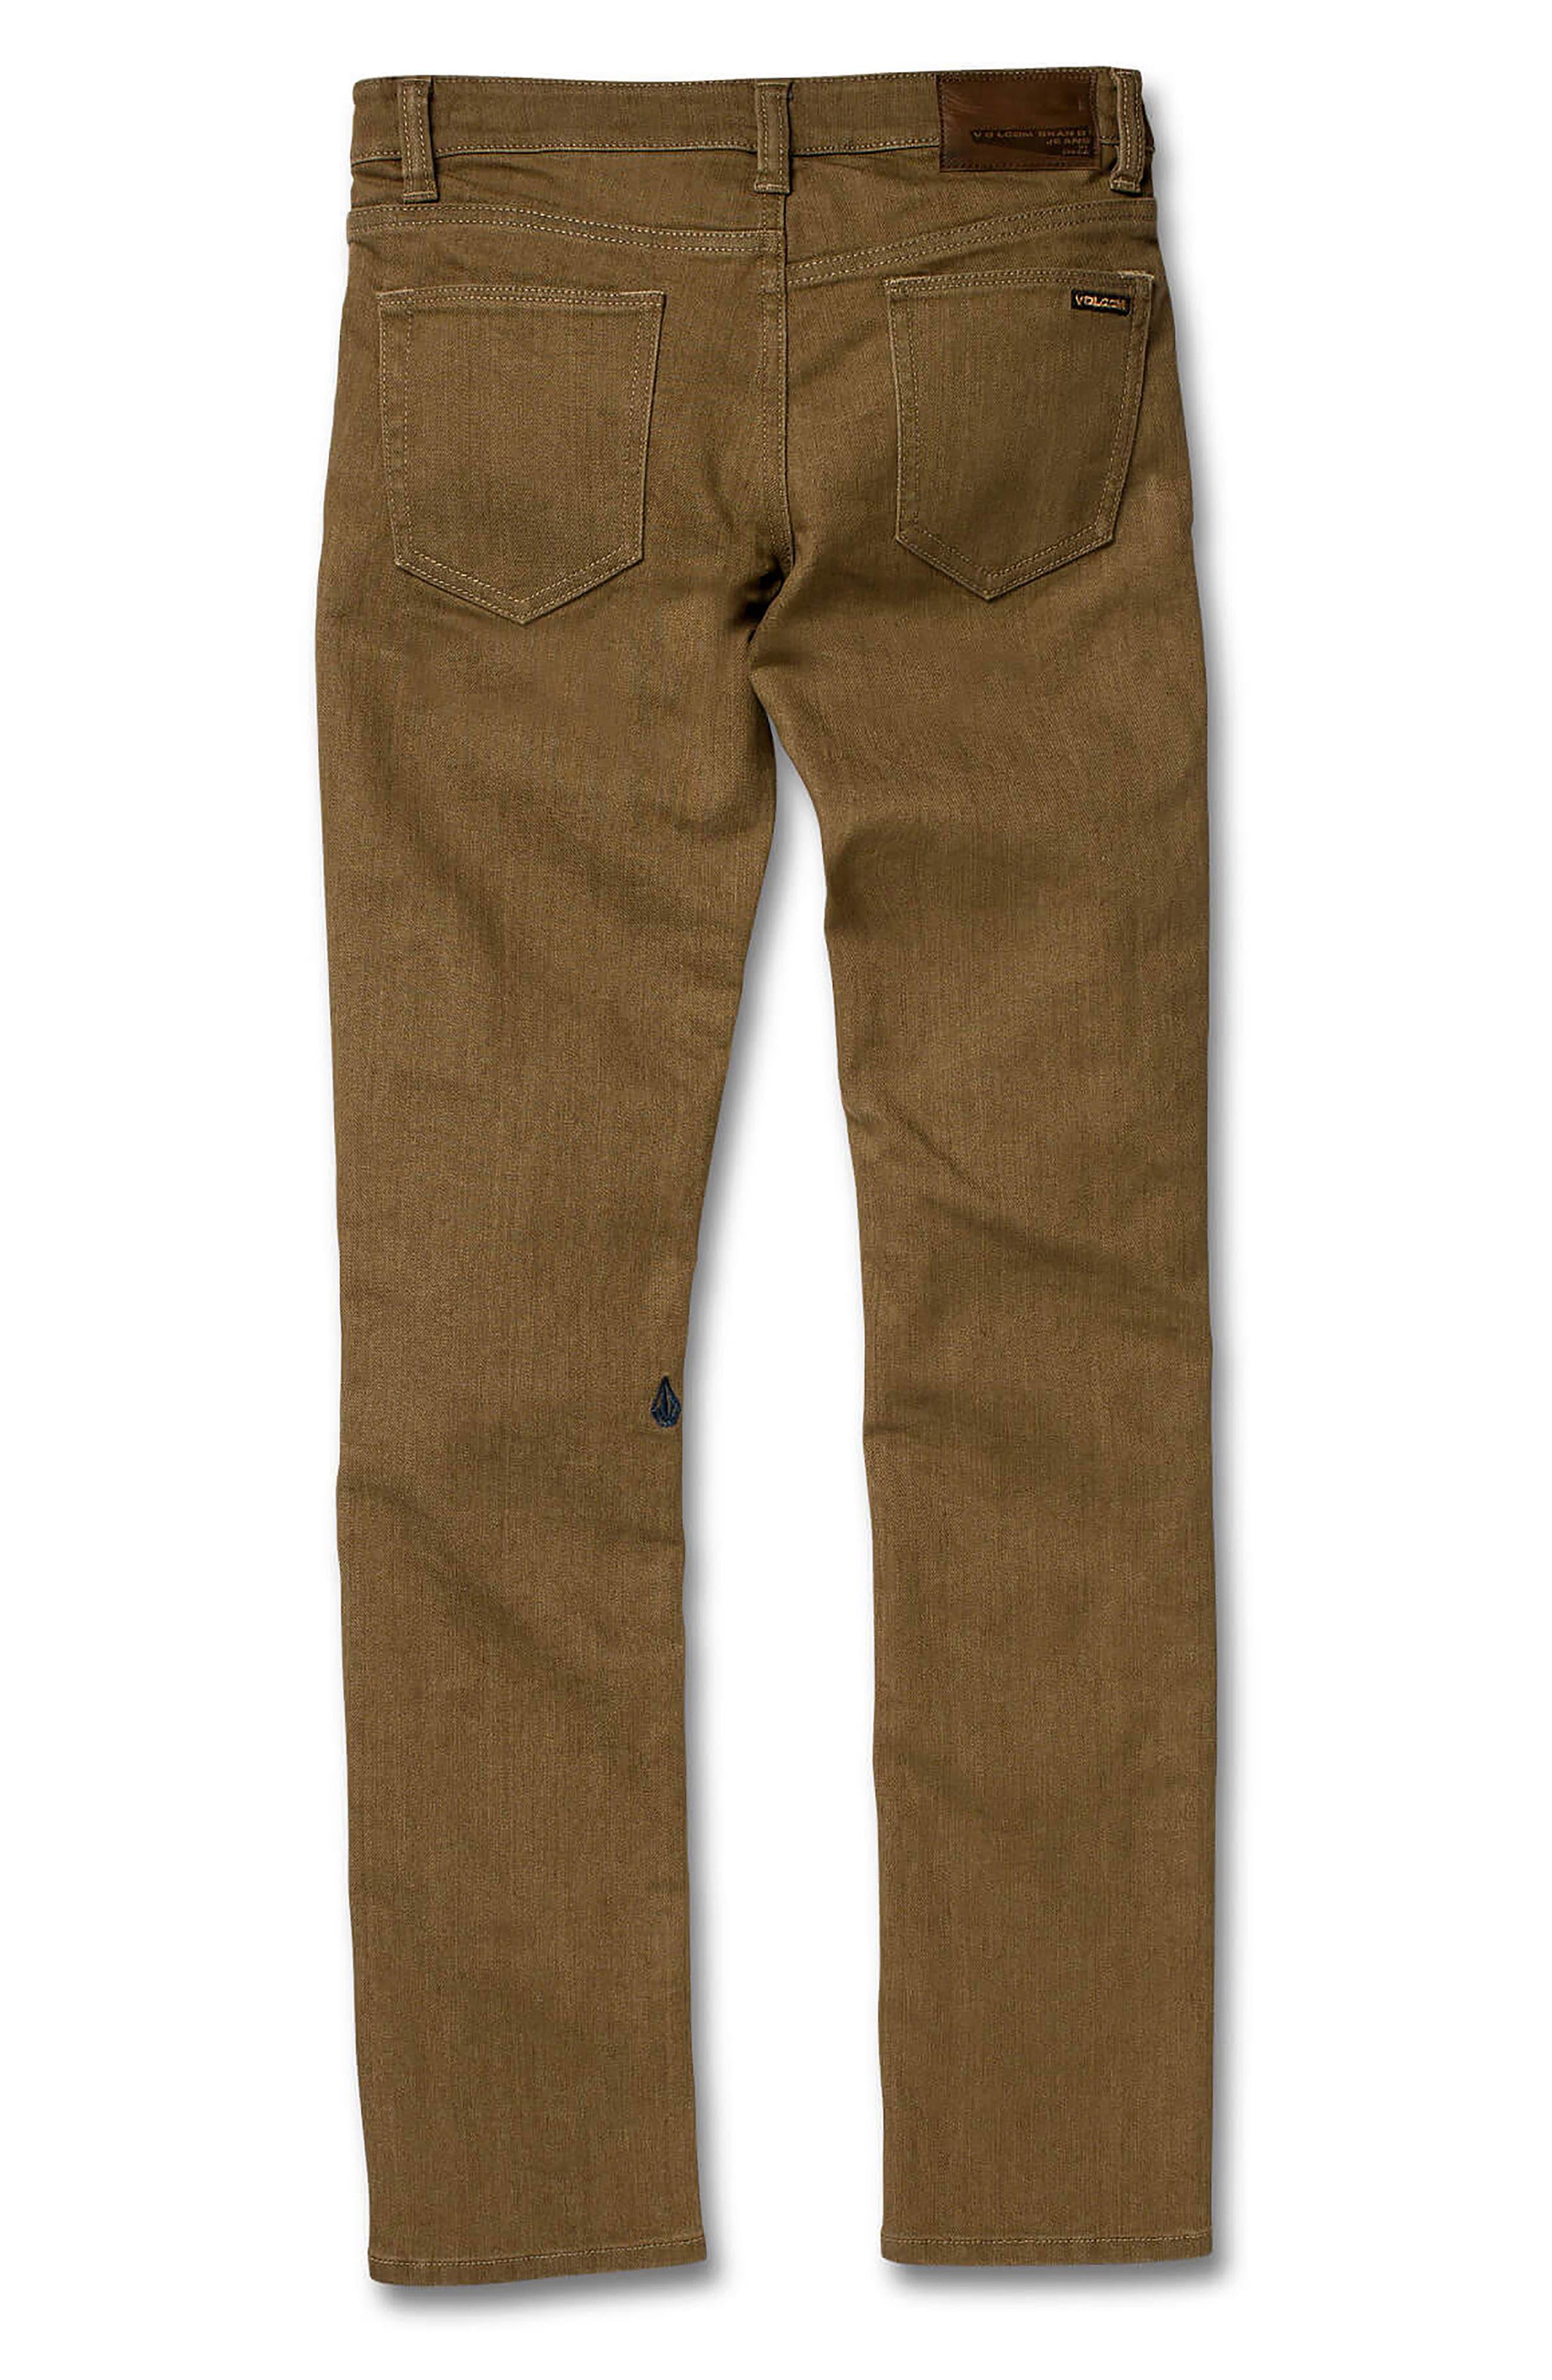 VOLCOM, '2x4' Skinny Jeans, Alternate thumbnail 2, color, WET SAND